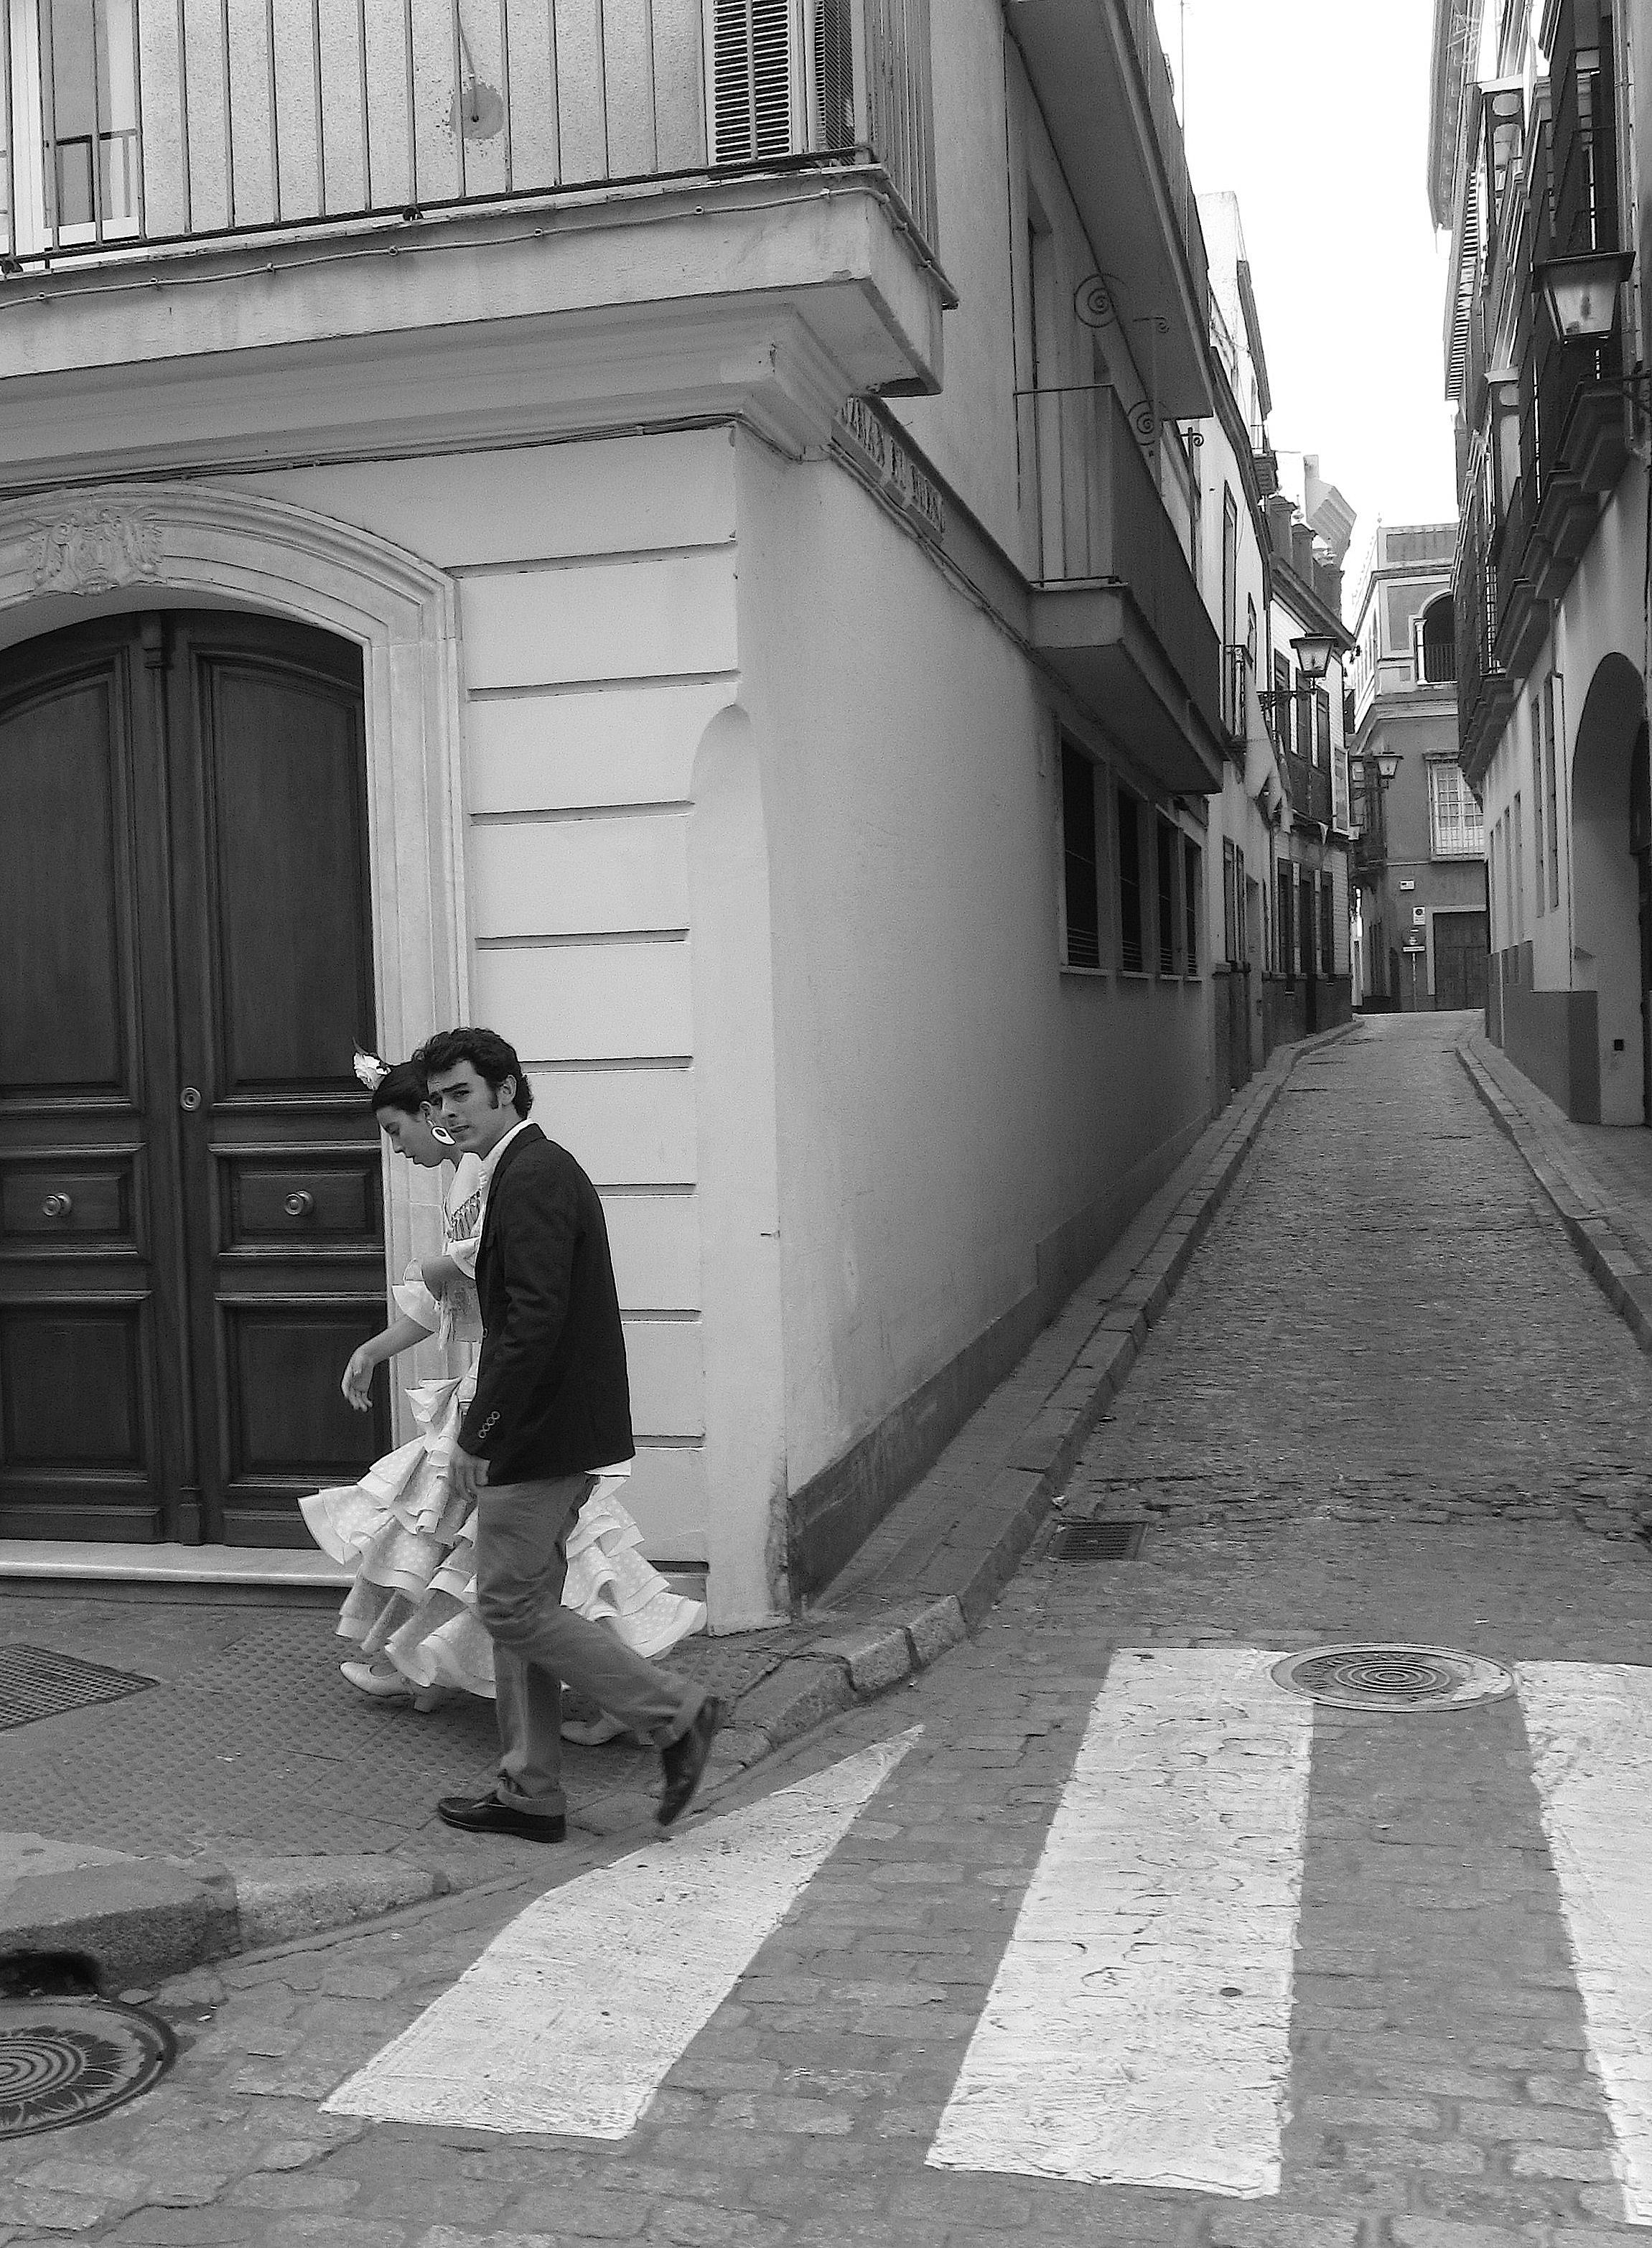 Women in flamenco dresses are common sights in Sevilla during Feria